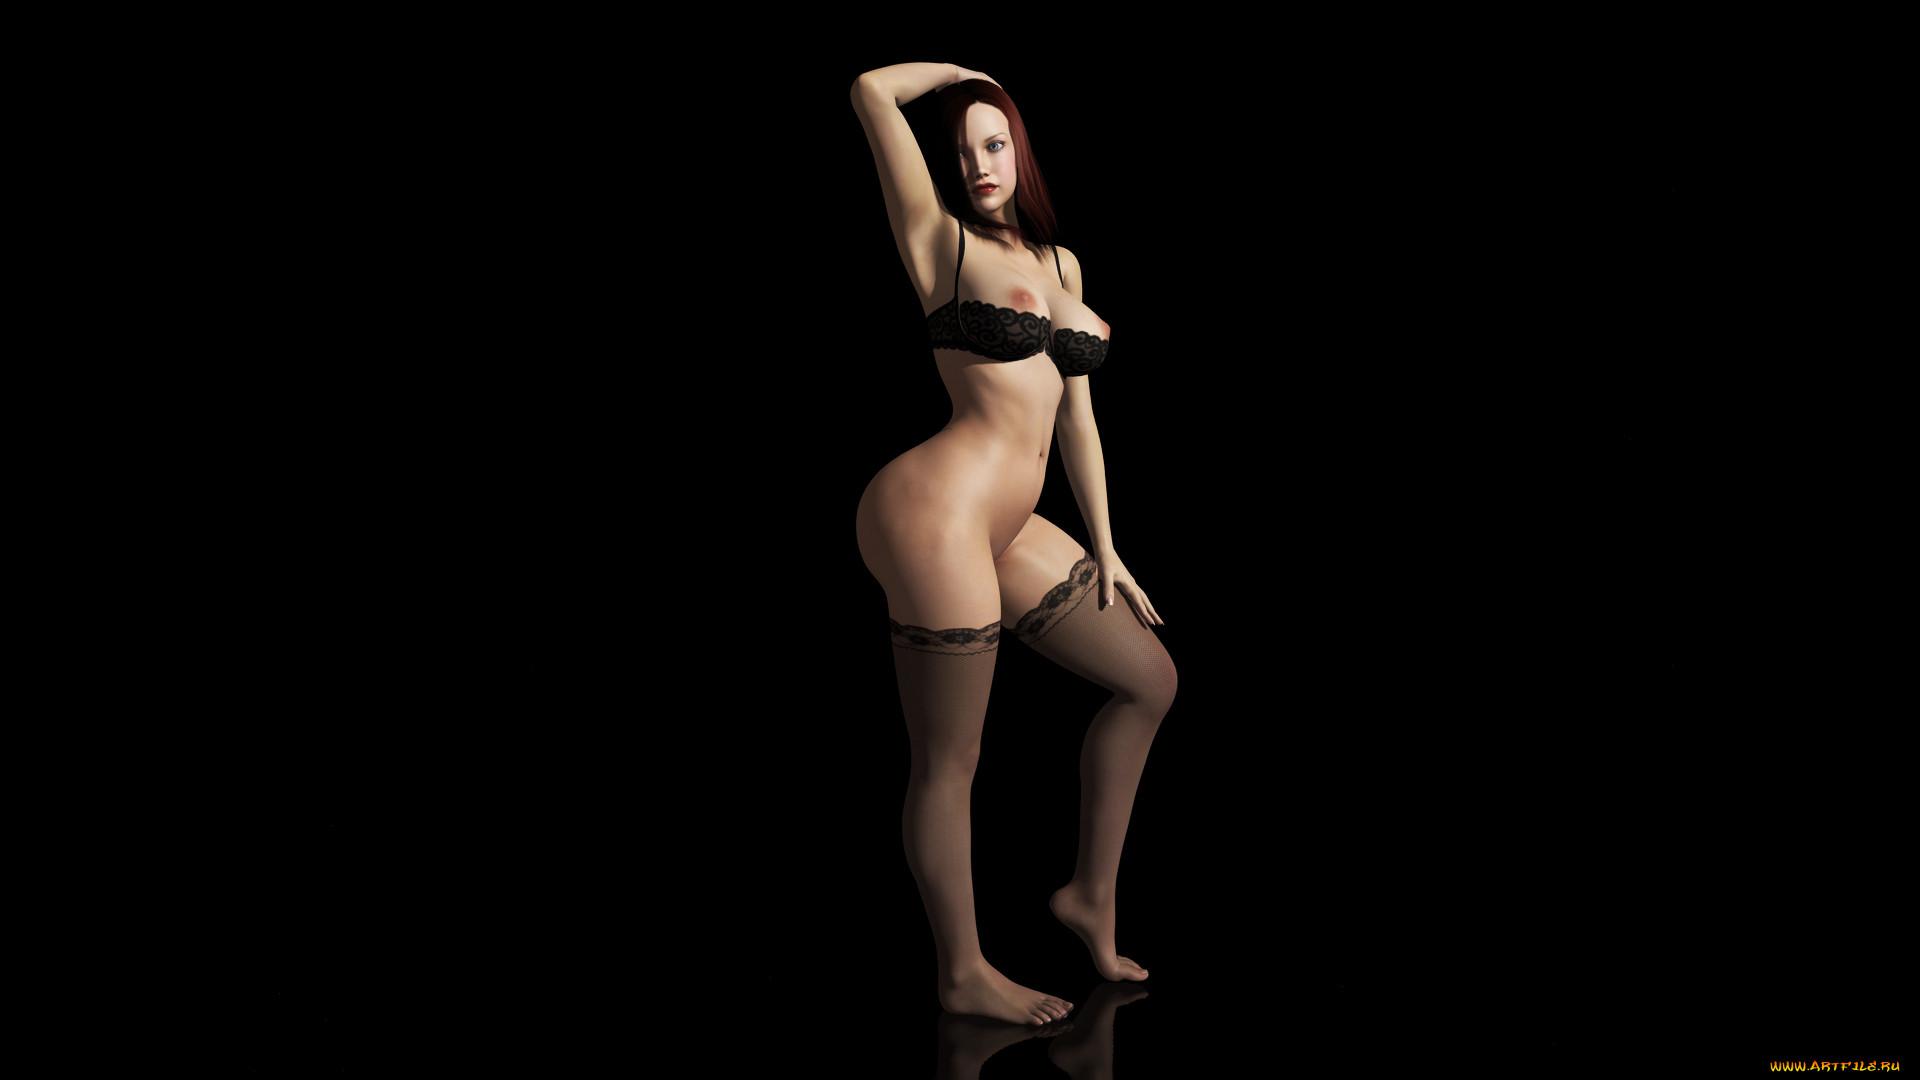 3d-oboi-erotika